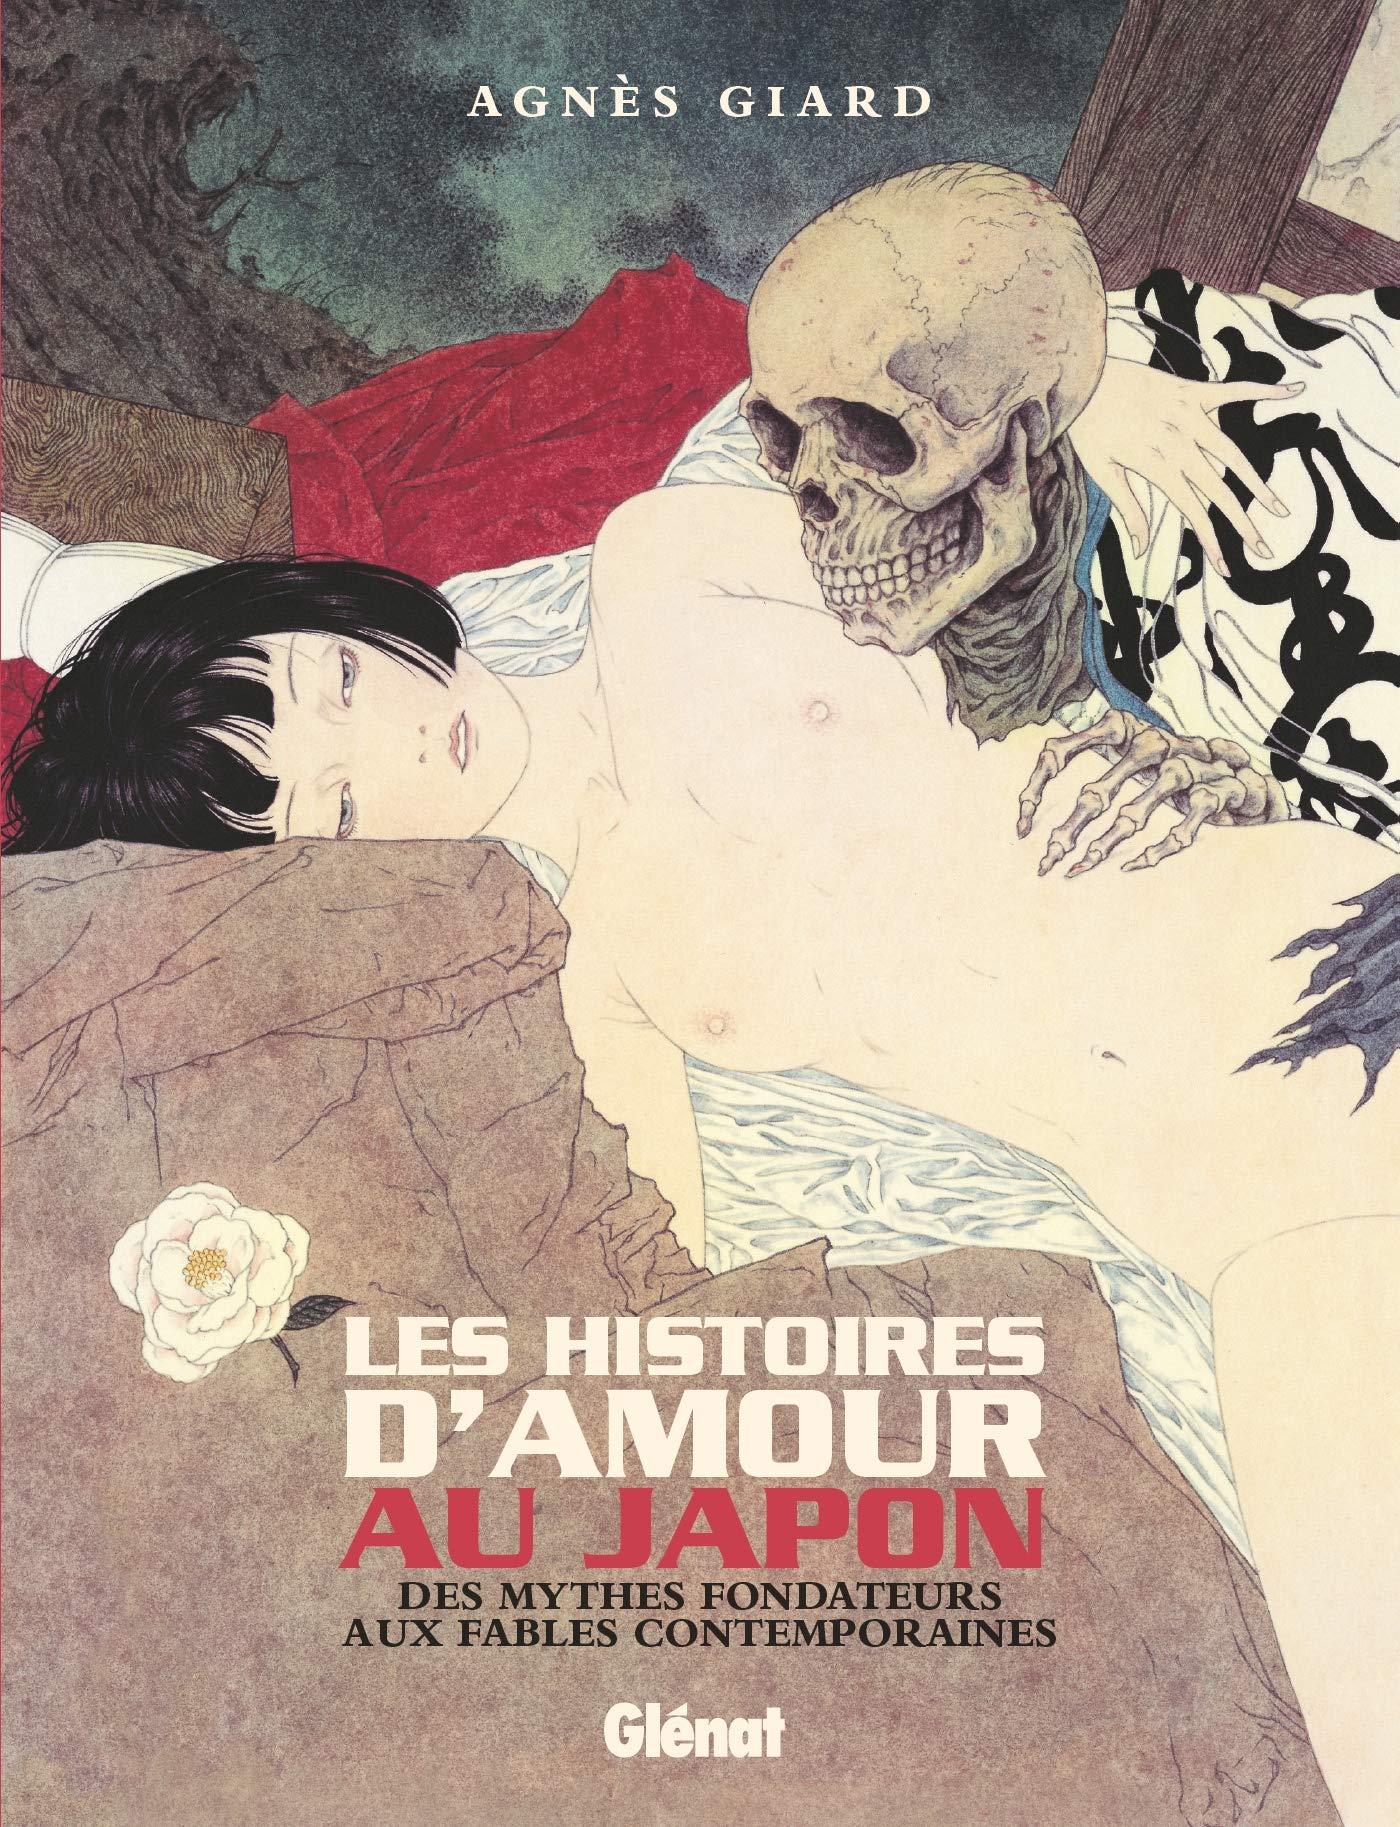 Les histoires d'amour au Japon : Des mythes fondateurs aux fables contemporaines  - Des mythes fondateurs aux fables contemporaines